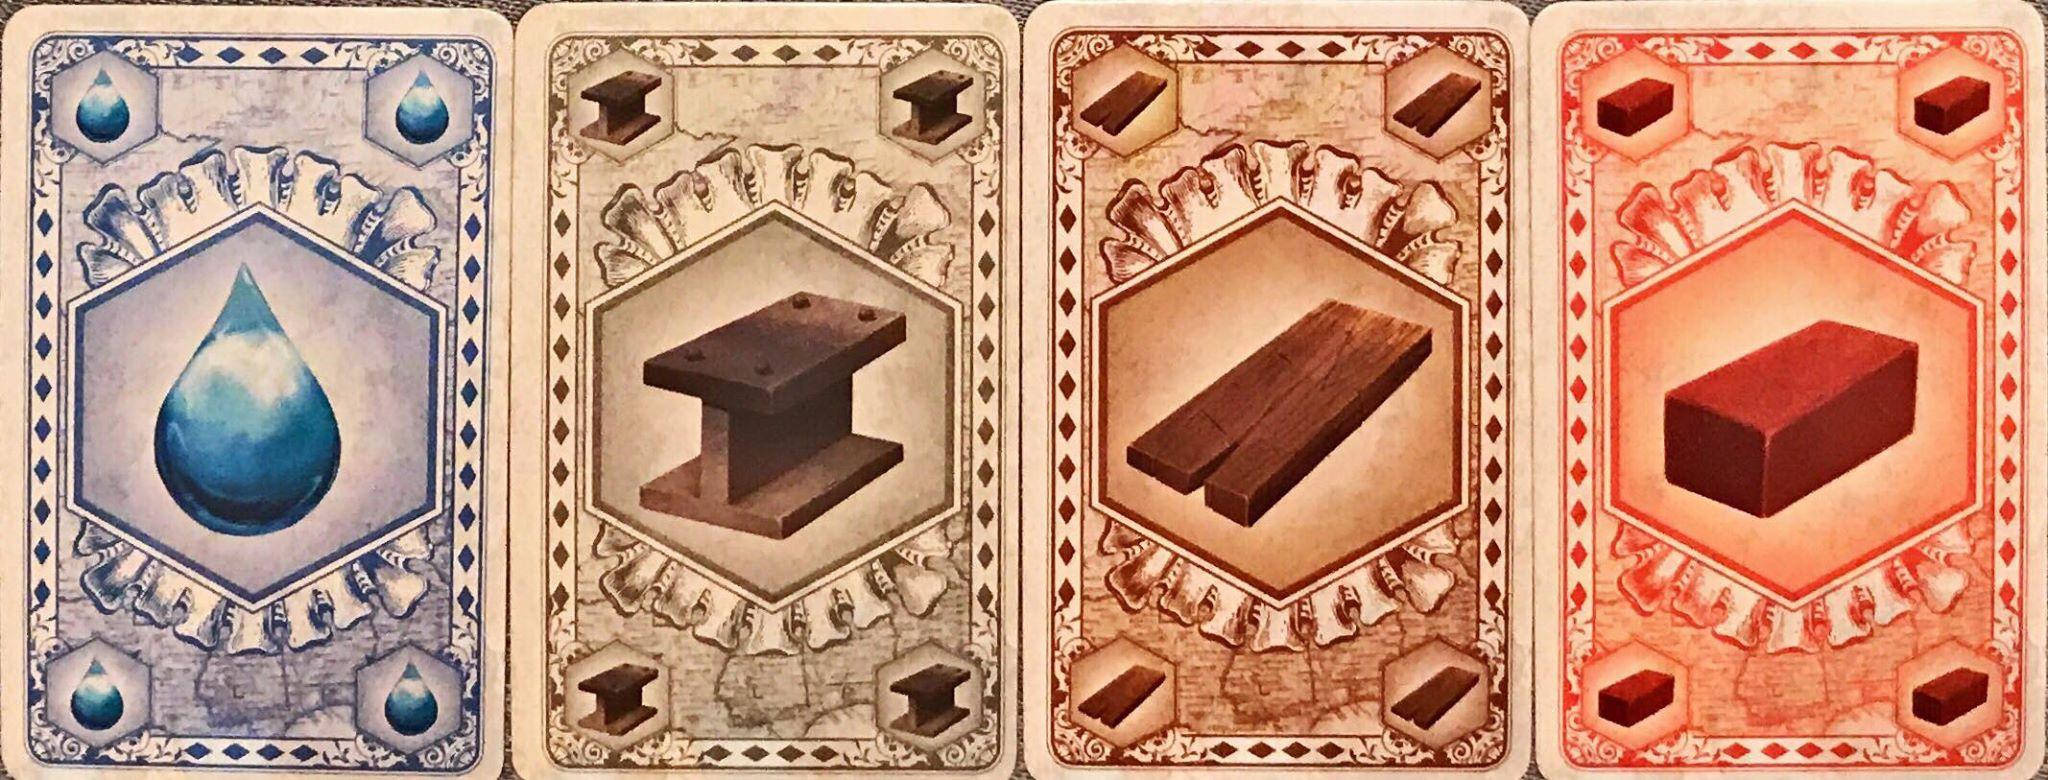 Les Ressources: eau, métal, bois et brique